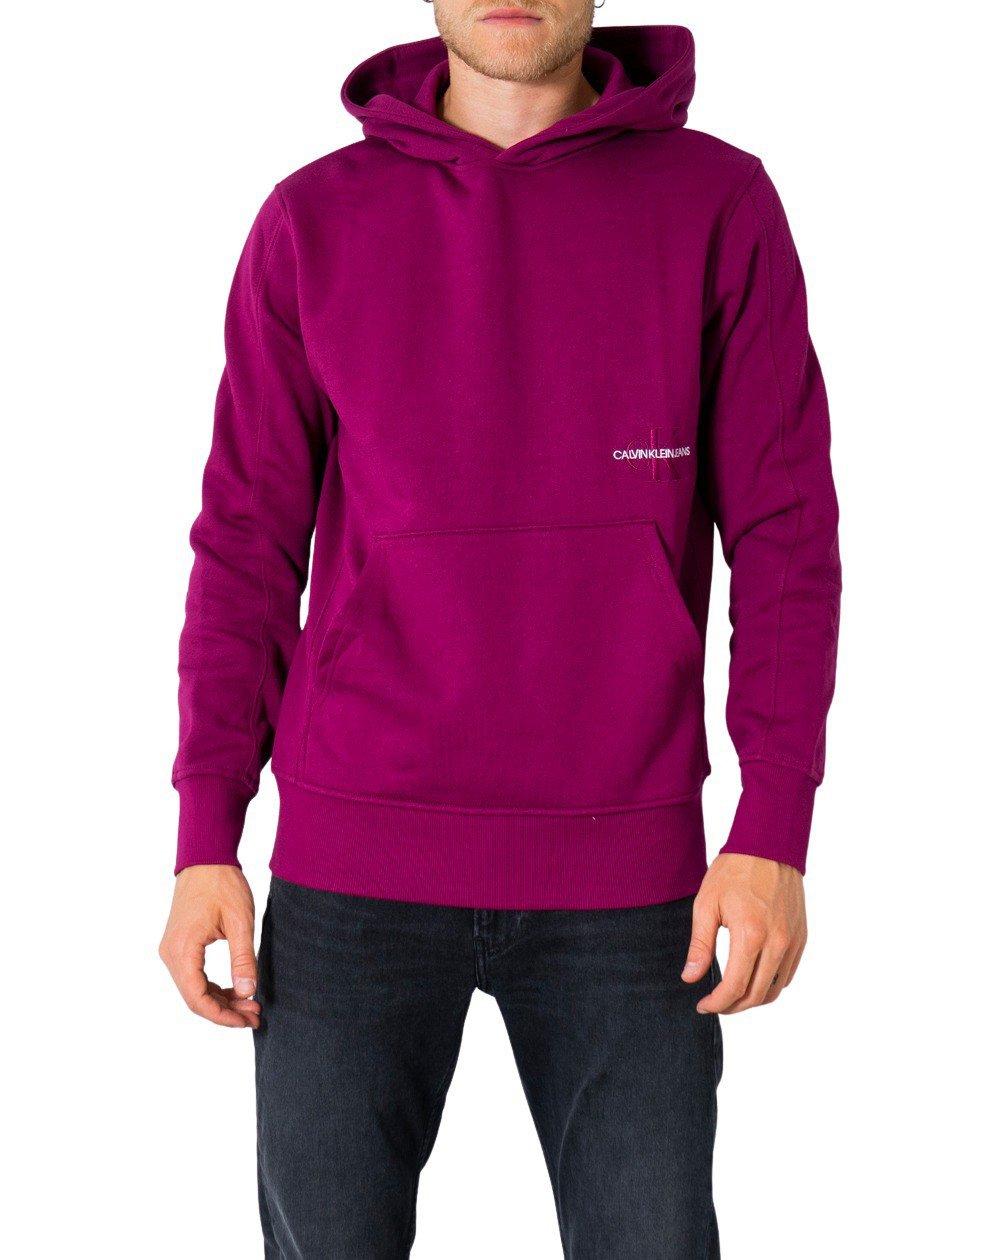 Calvin Klein Jeans Women Sweatshirt Various Colours 299915 - purple XS